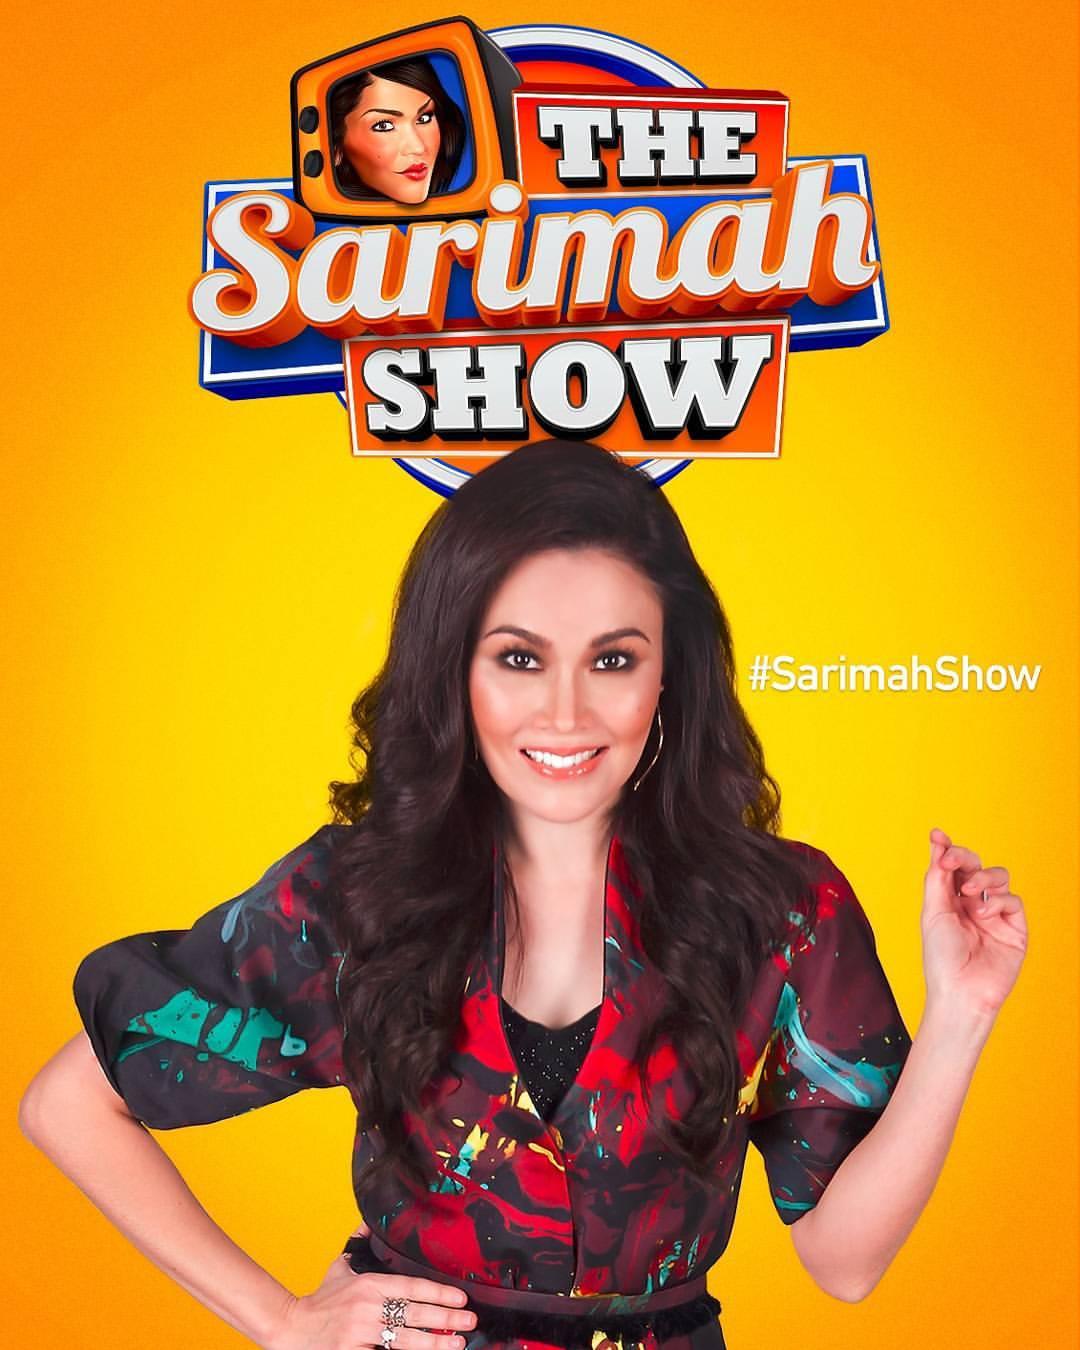 The Sarimah Show